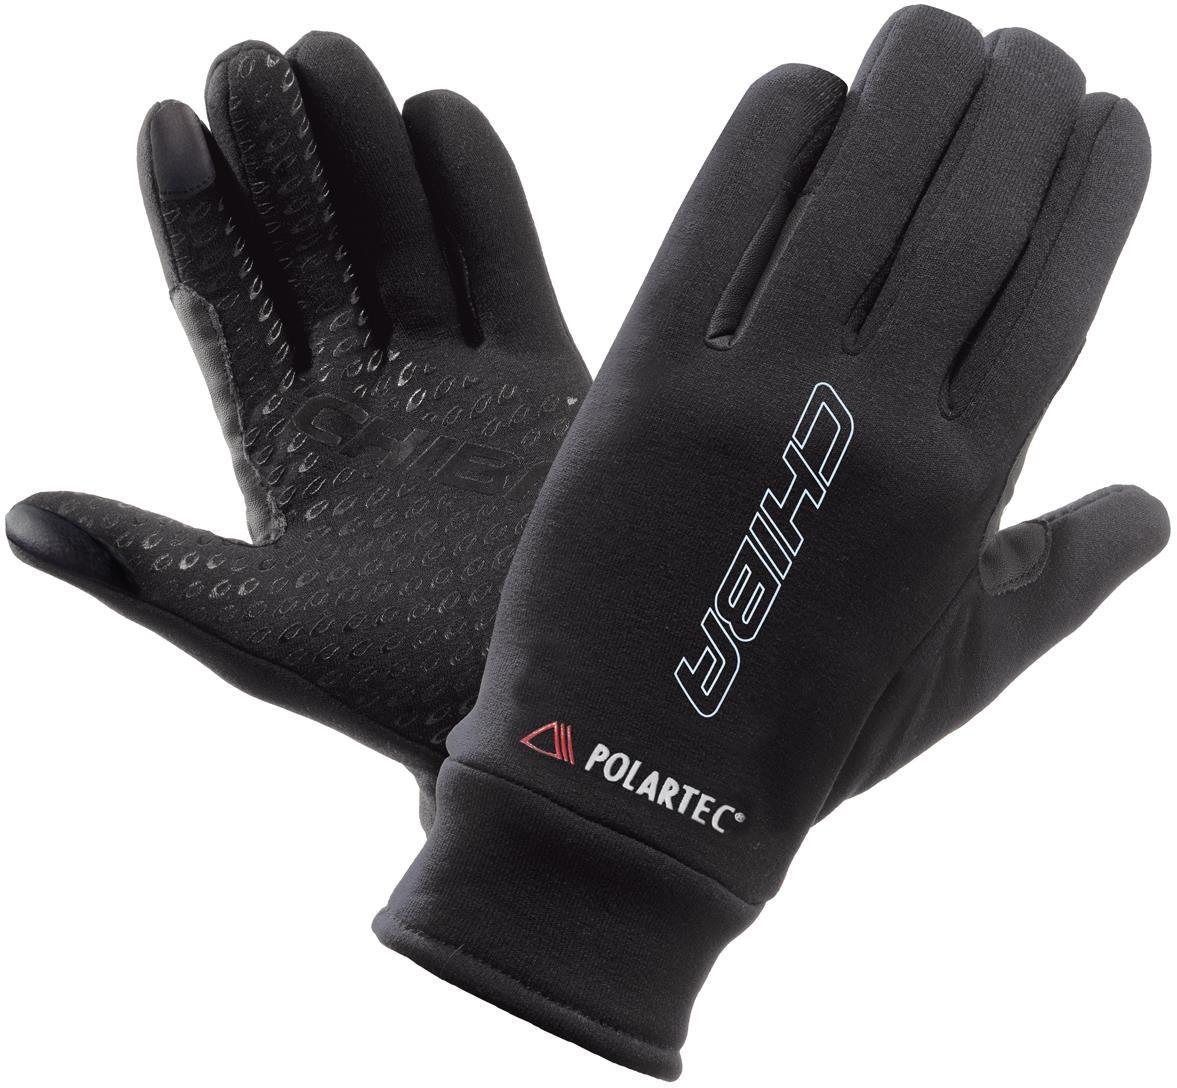 Chiba Polartec Fleece Long Finger Cycling Gloves   Gloves